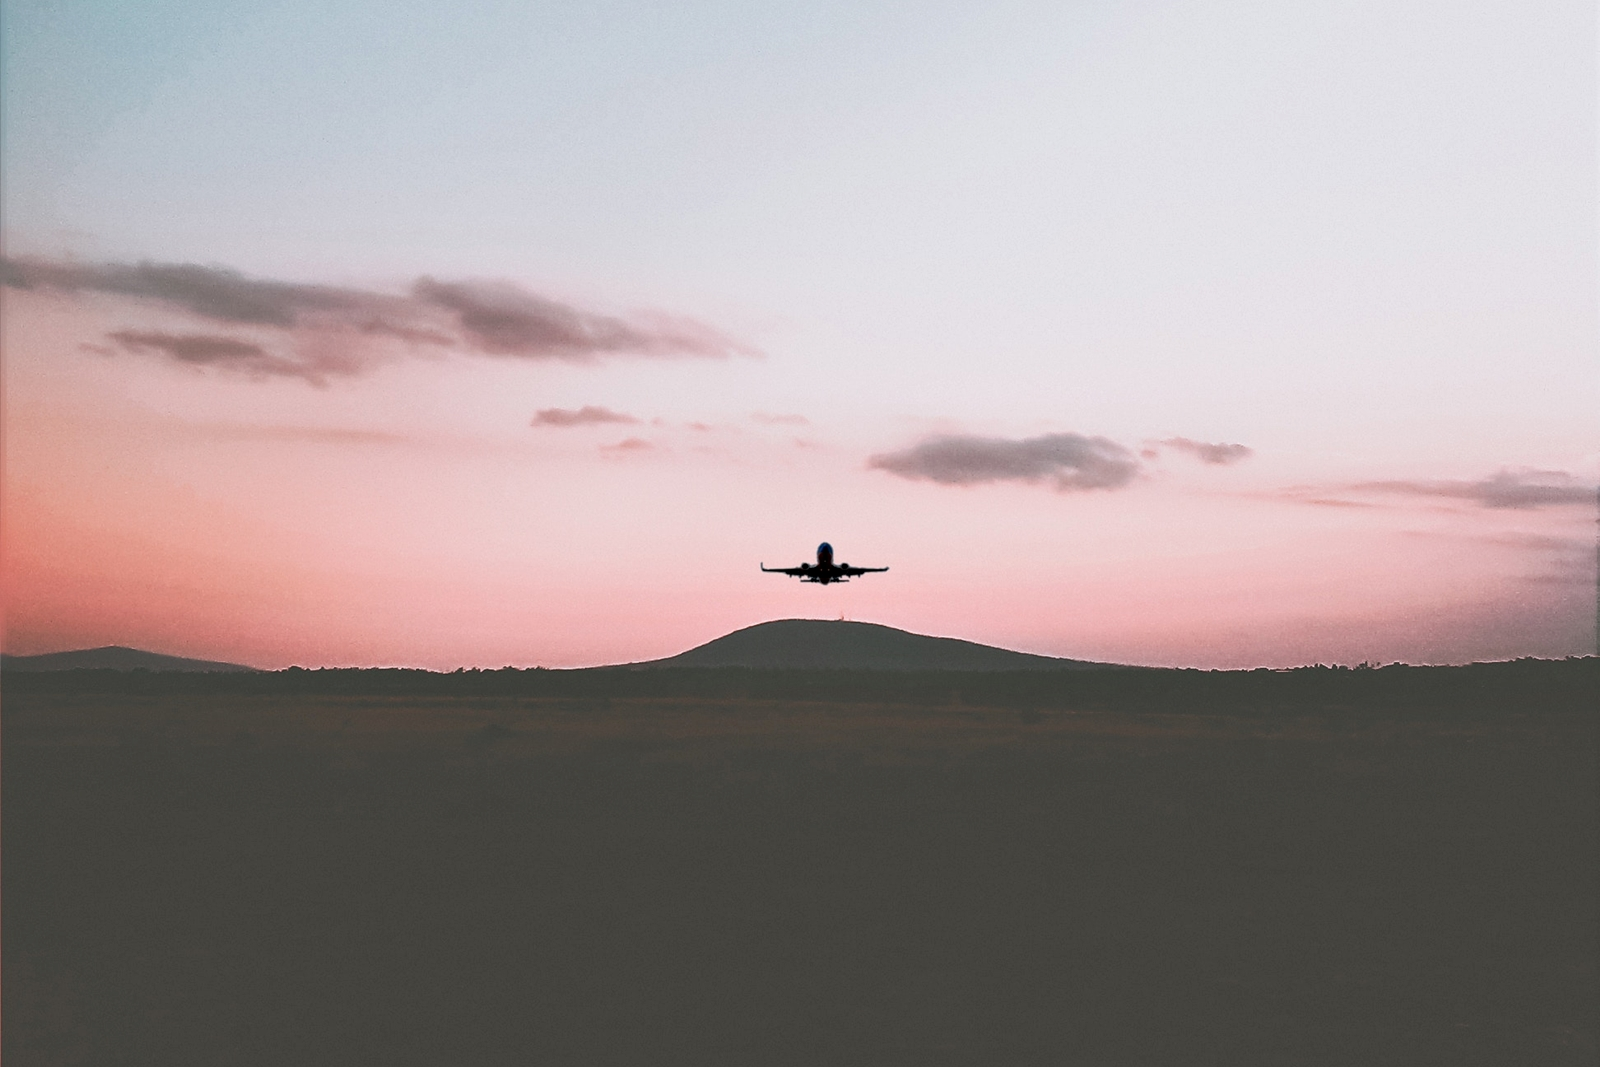 Langstreckenflug - Tipps für einen angenehmen Flug - Flug Hacks - Life Hacks - Reise Tipps - Travel Tipps - angenehme Flüge - angenehmes Reisen - Fashionladyloves by Tamara Wagner - Travel Blog - Reise Blog aus Graz Österreich